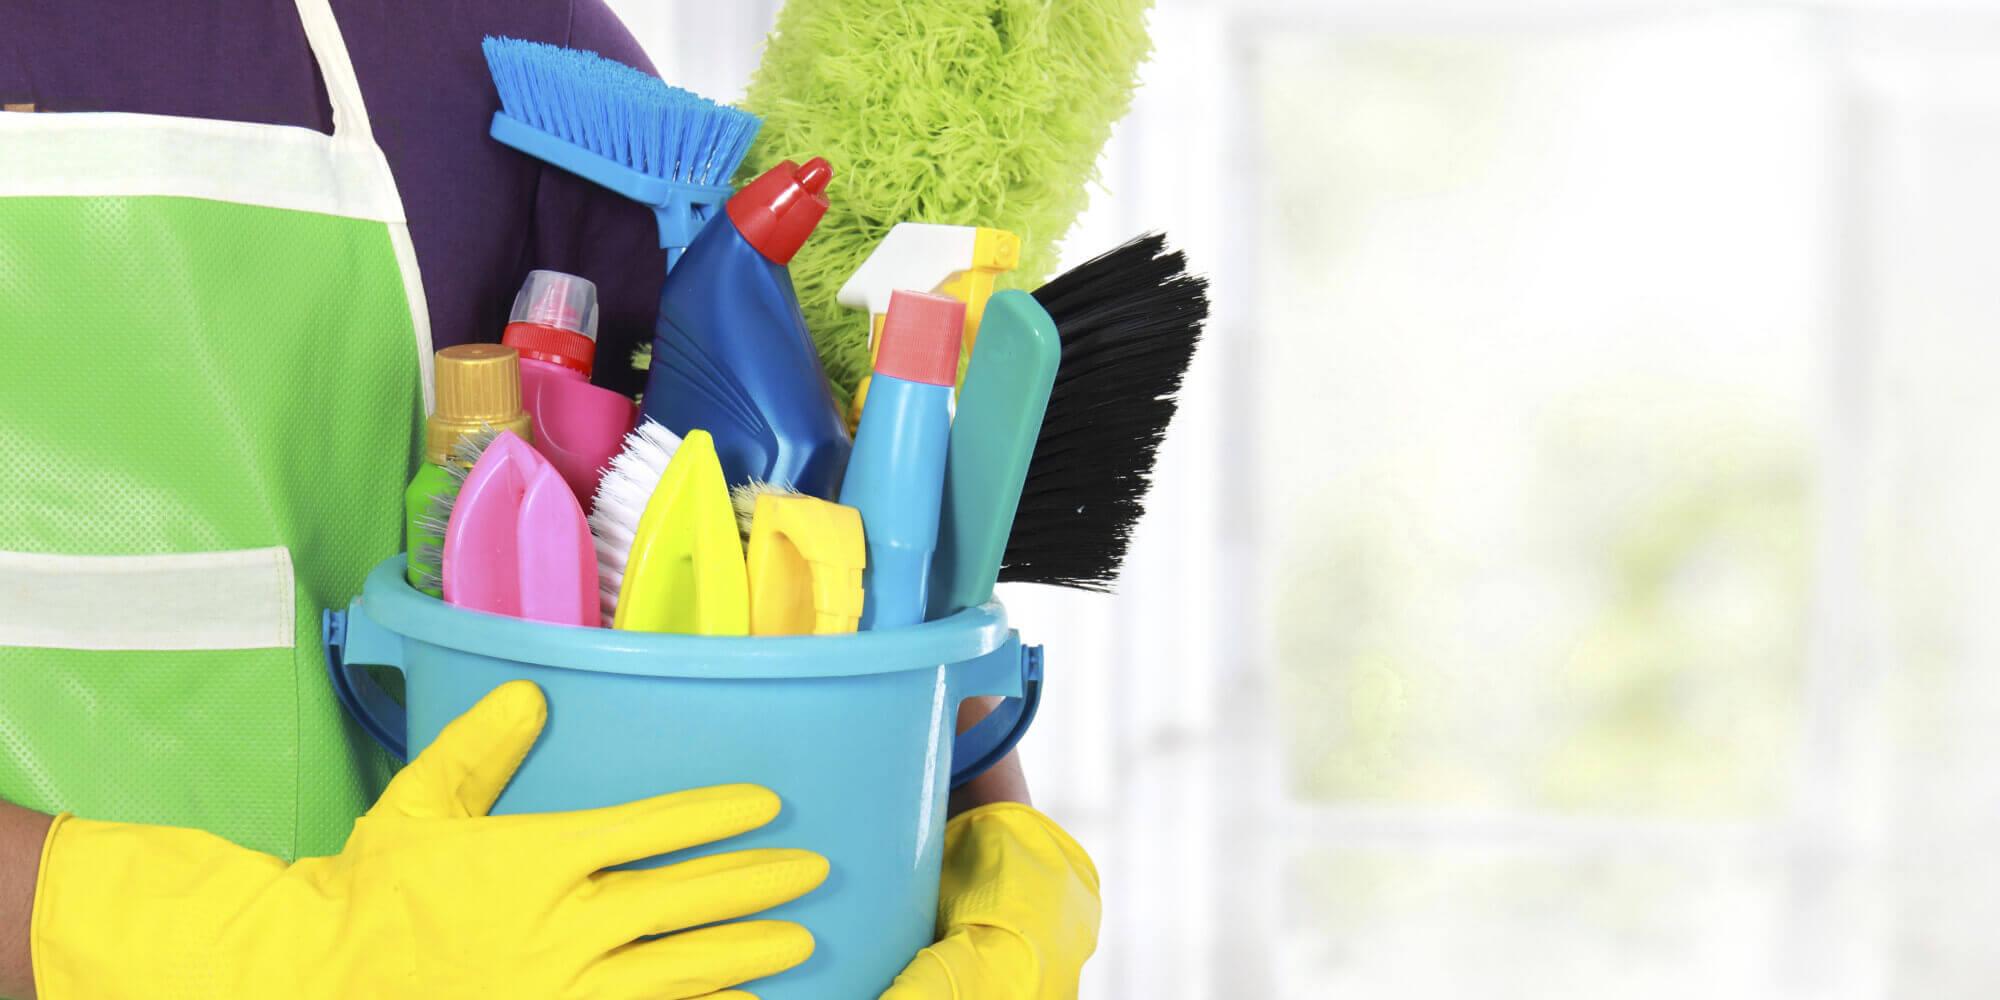 أخطاء قد تقعين فيها عند تنظيف منزلك ..